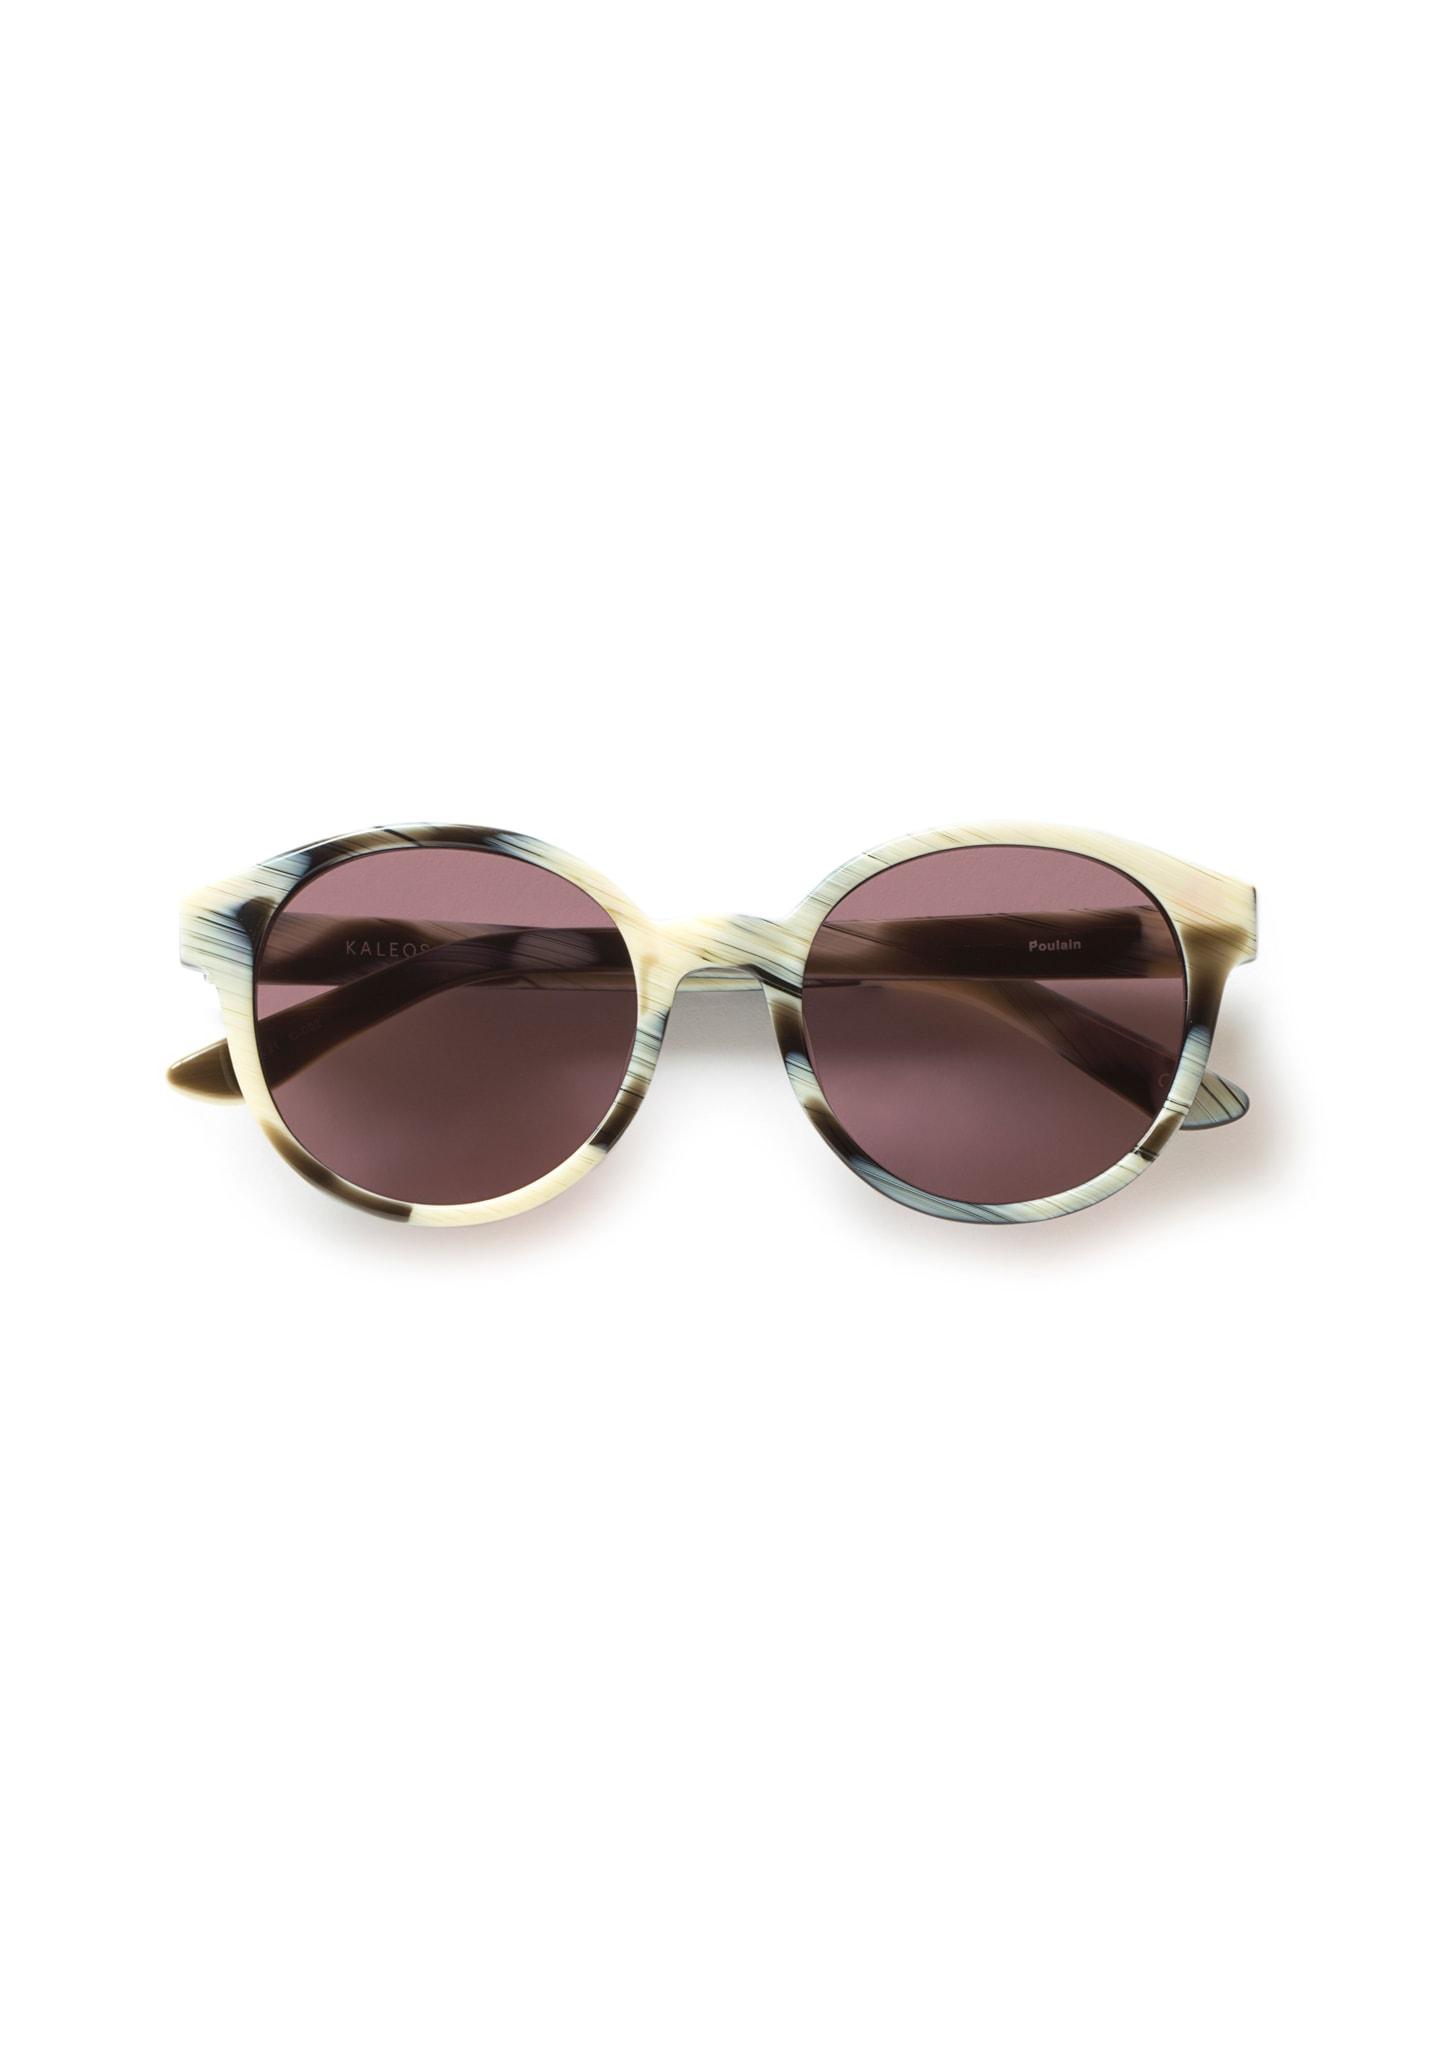 Gafas Poulain Color 2